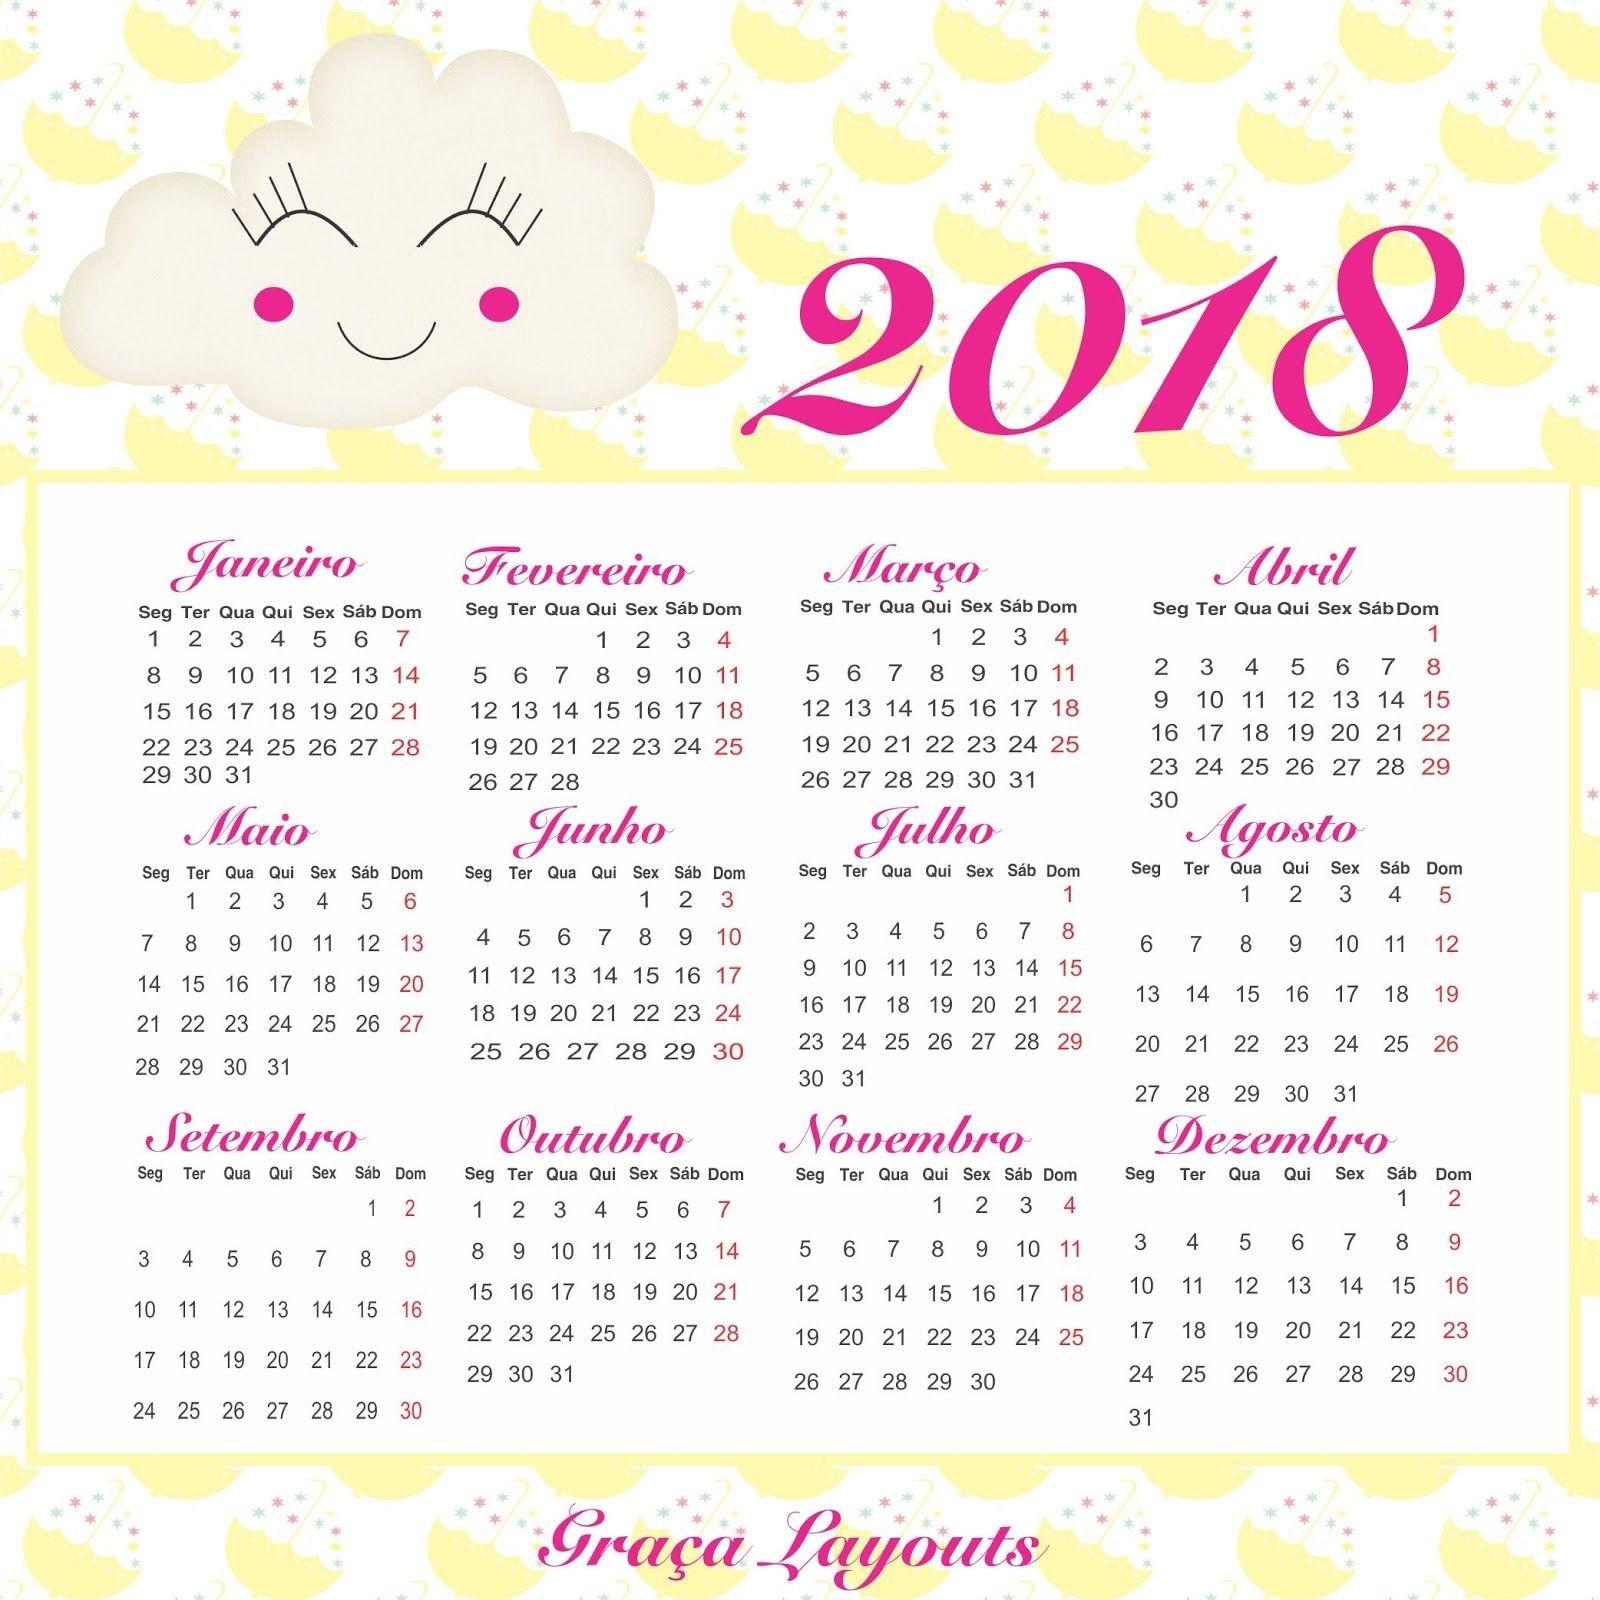 Calendario Lunar Febrero 2014 Más Arriba-a-fecha Printable Calendars for A More Floral 2019 Kw Calendrio Julho Of Calendario Lunar Febrero 2014 Más Recientes Calendario Julio 1976